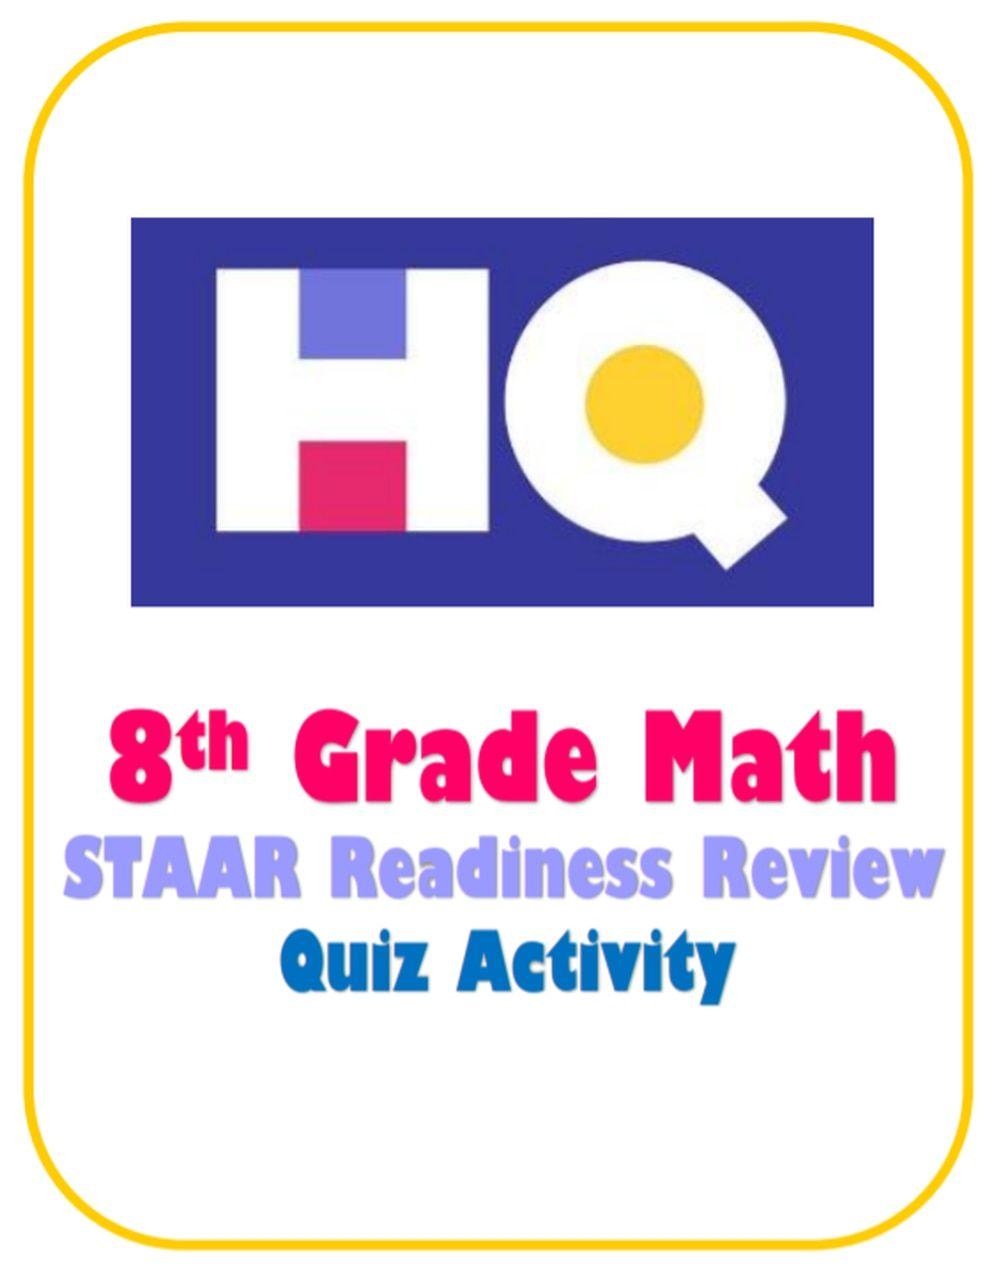 8th Grade Hq Staar Review In 2020 Staar Review Staar Staar Math [ 1280 x 994 Pixel ]